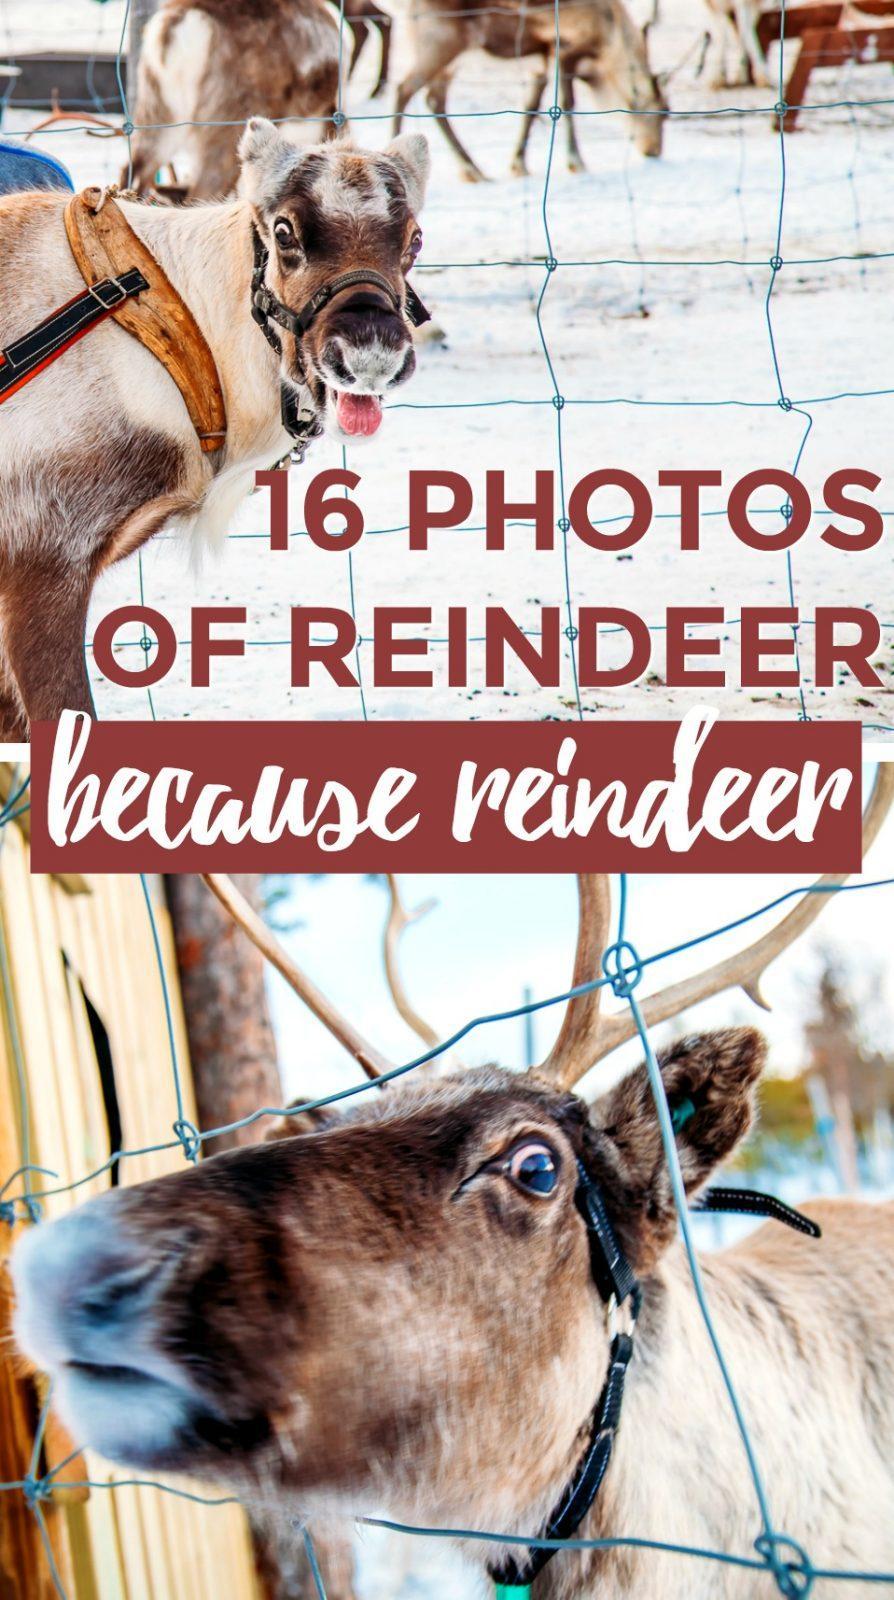 16 photos of reindeer because reindeer heart my backpack